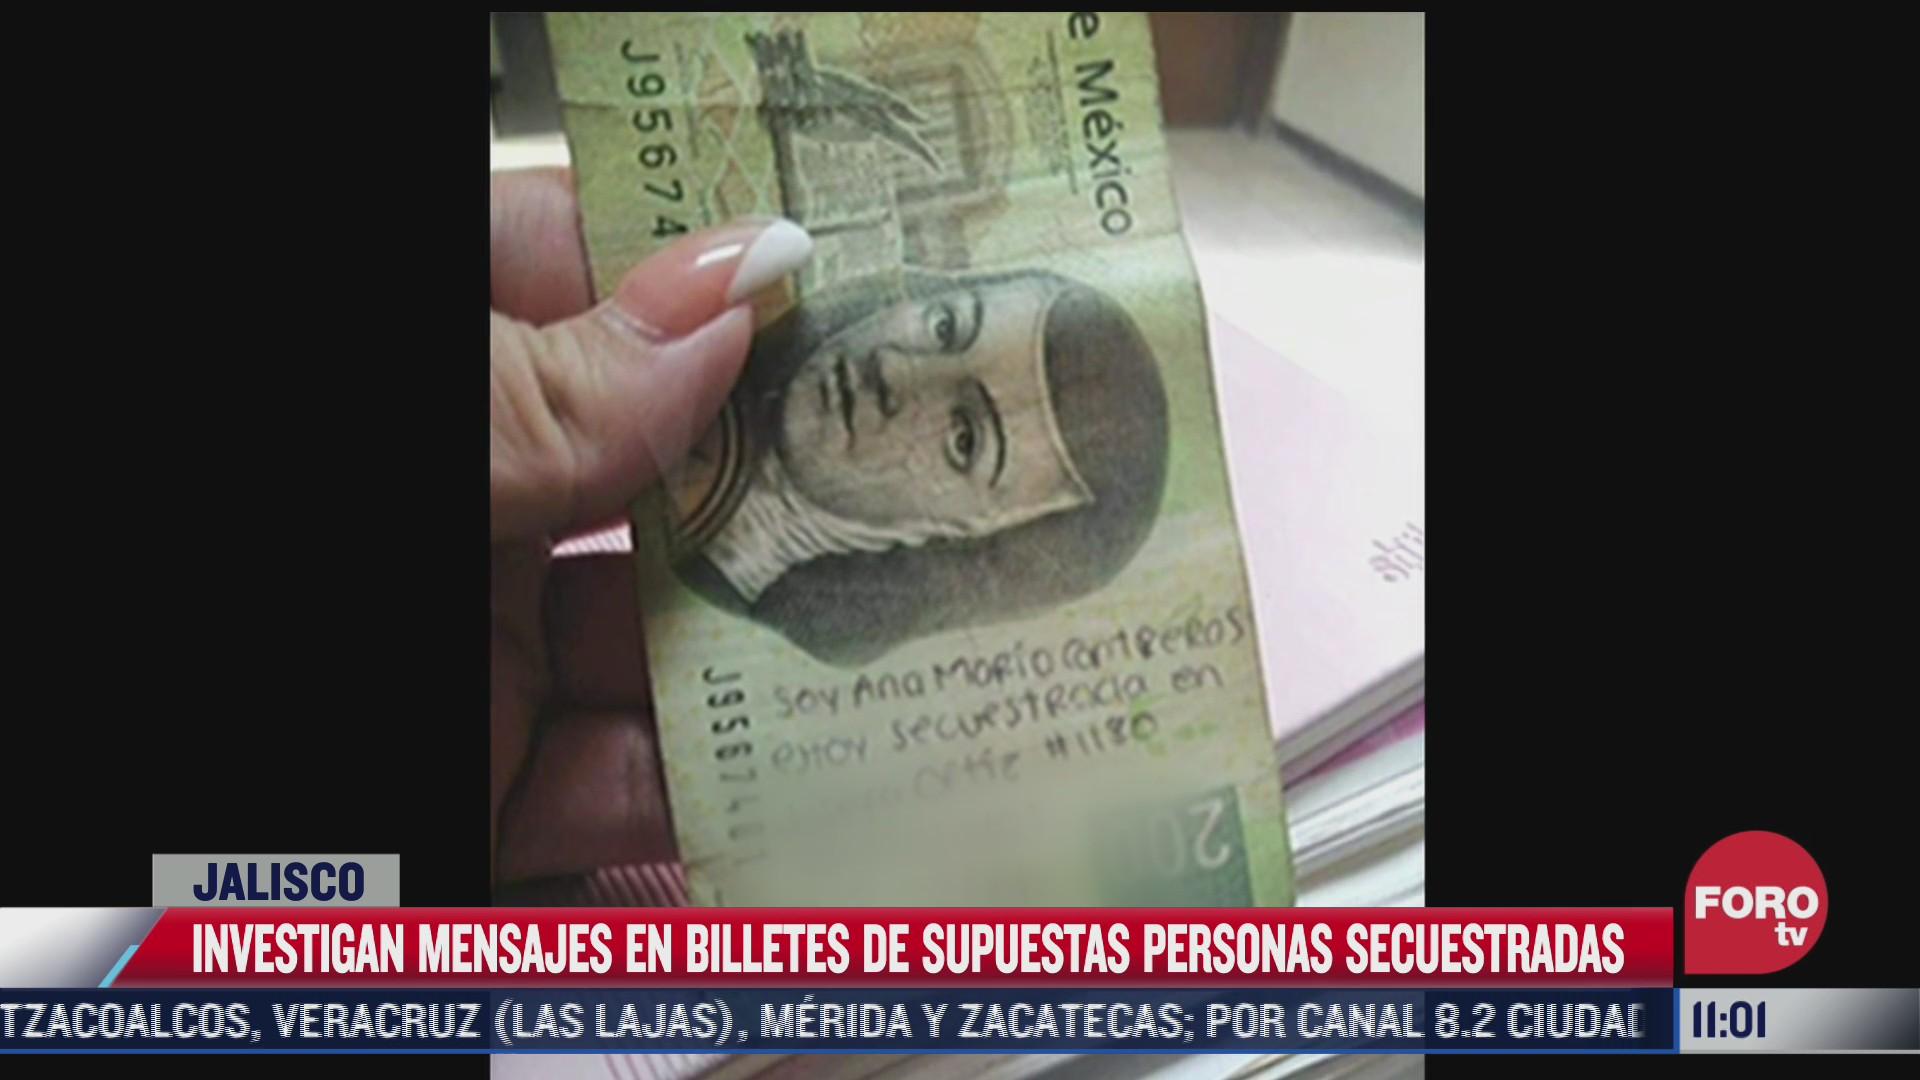 autoridades de jalisco descartan secuestro tras supuestos mensajes de auxilio en billetes